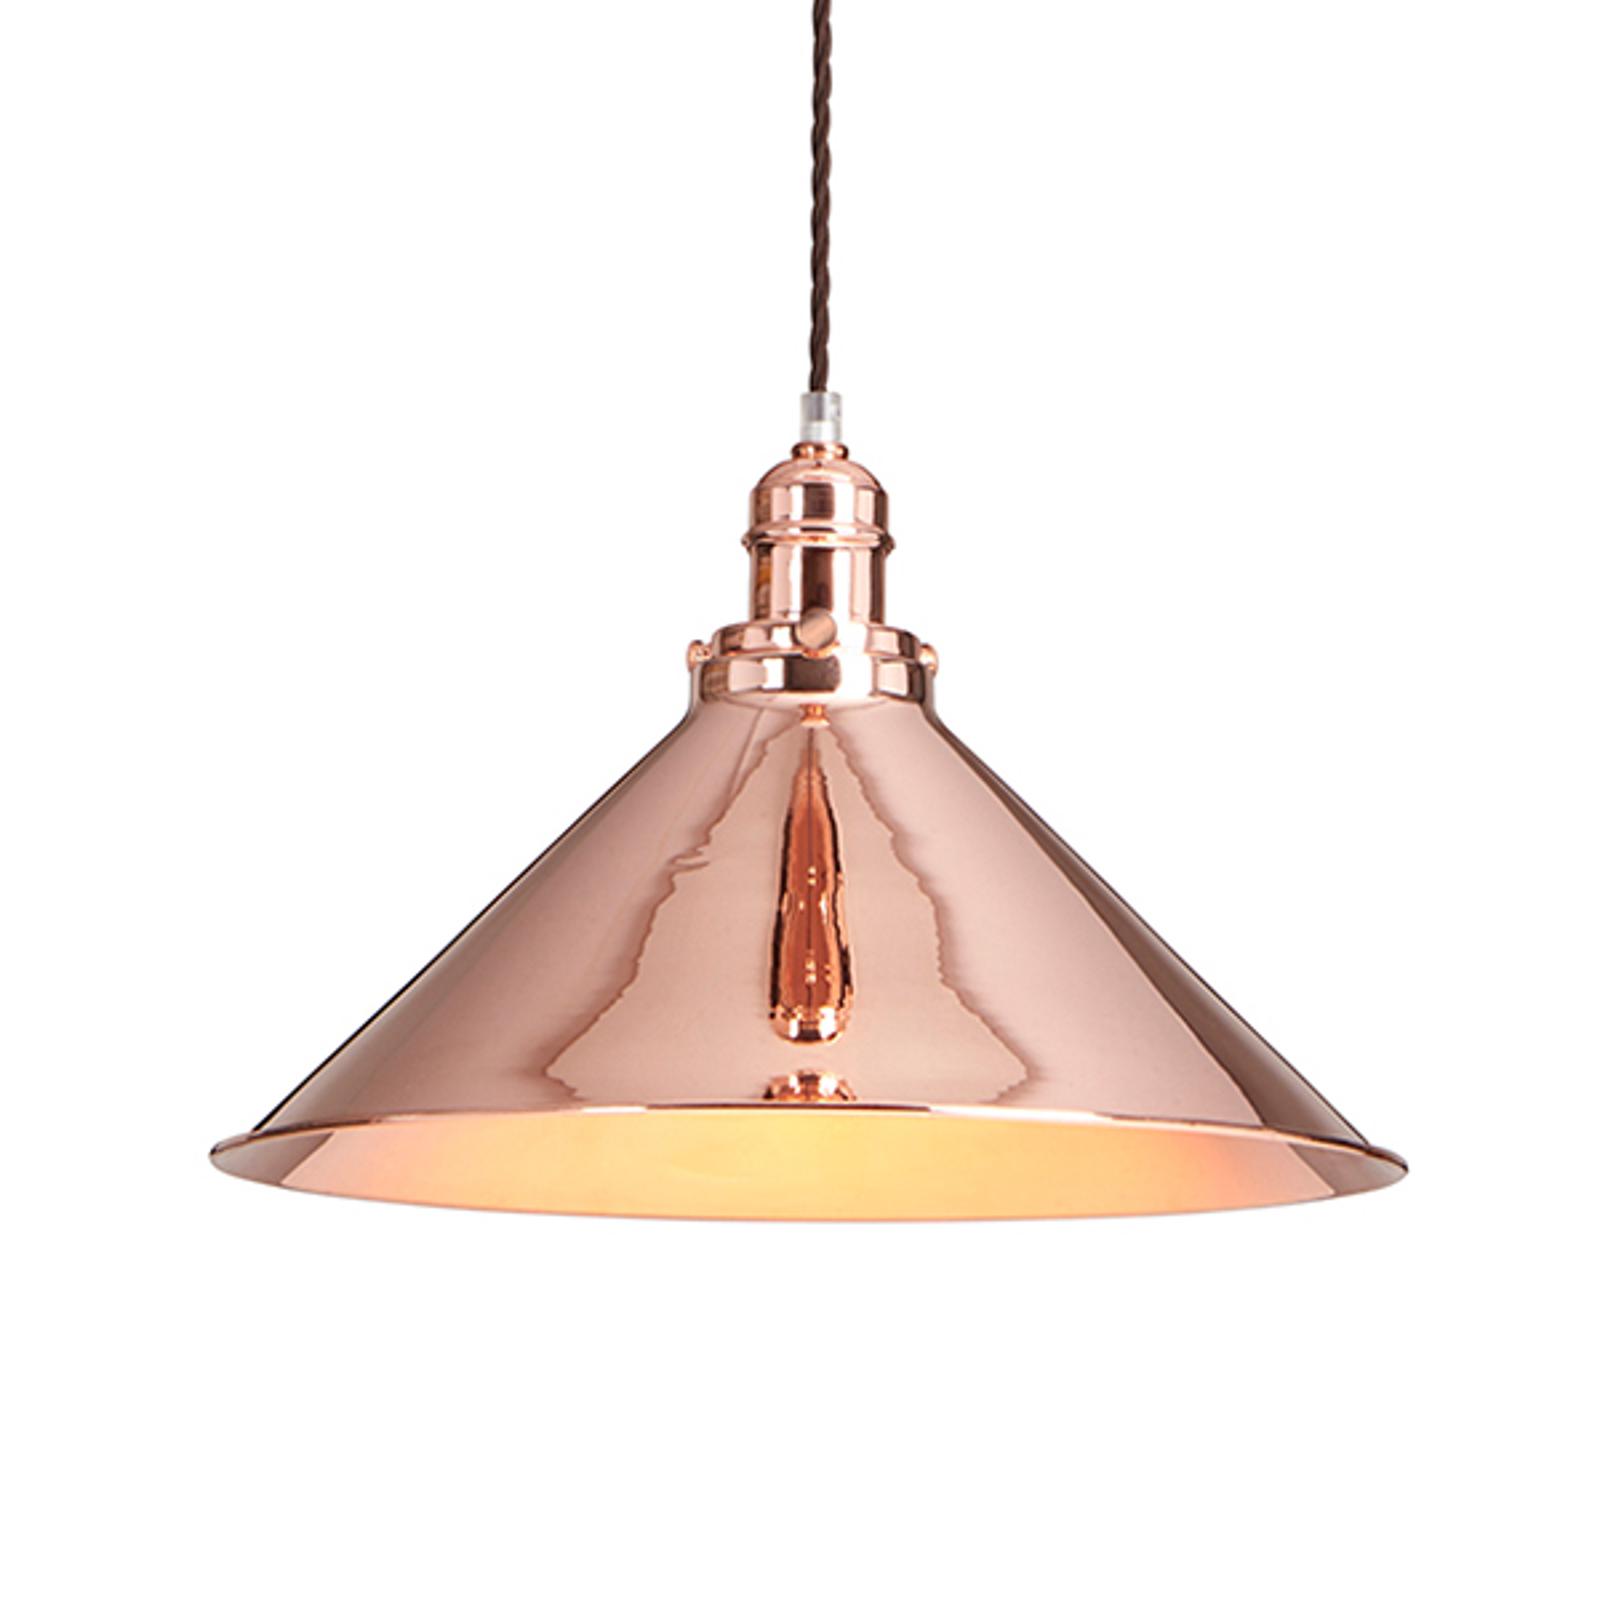 Błyszcząca lampa wisząca Provence, industrialna